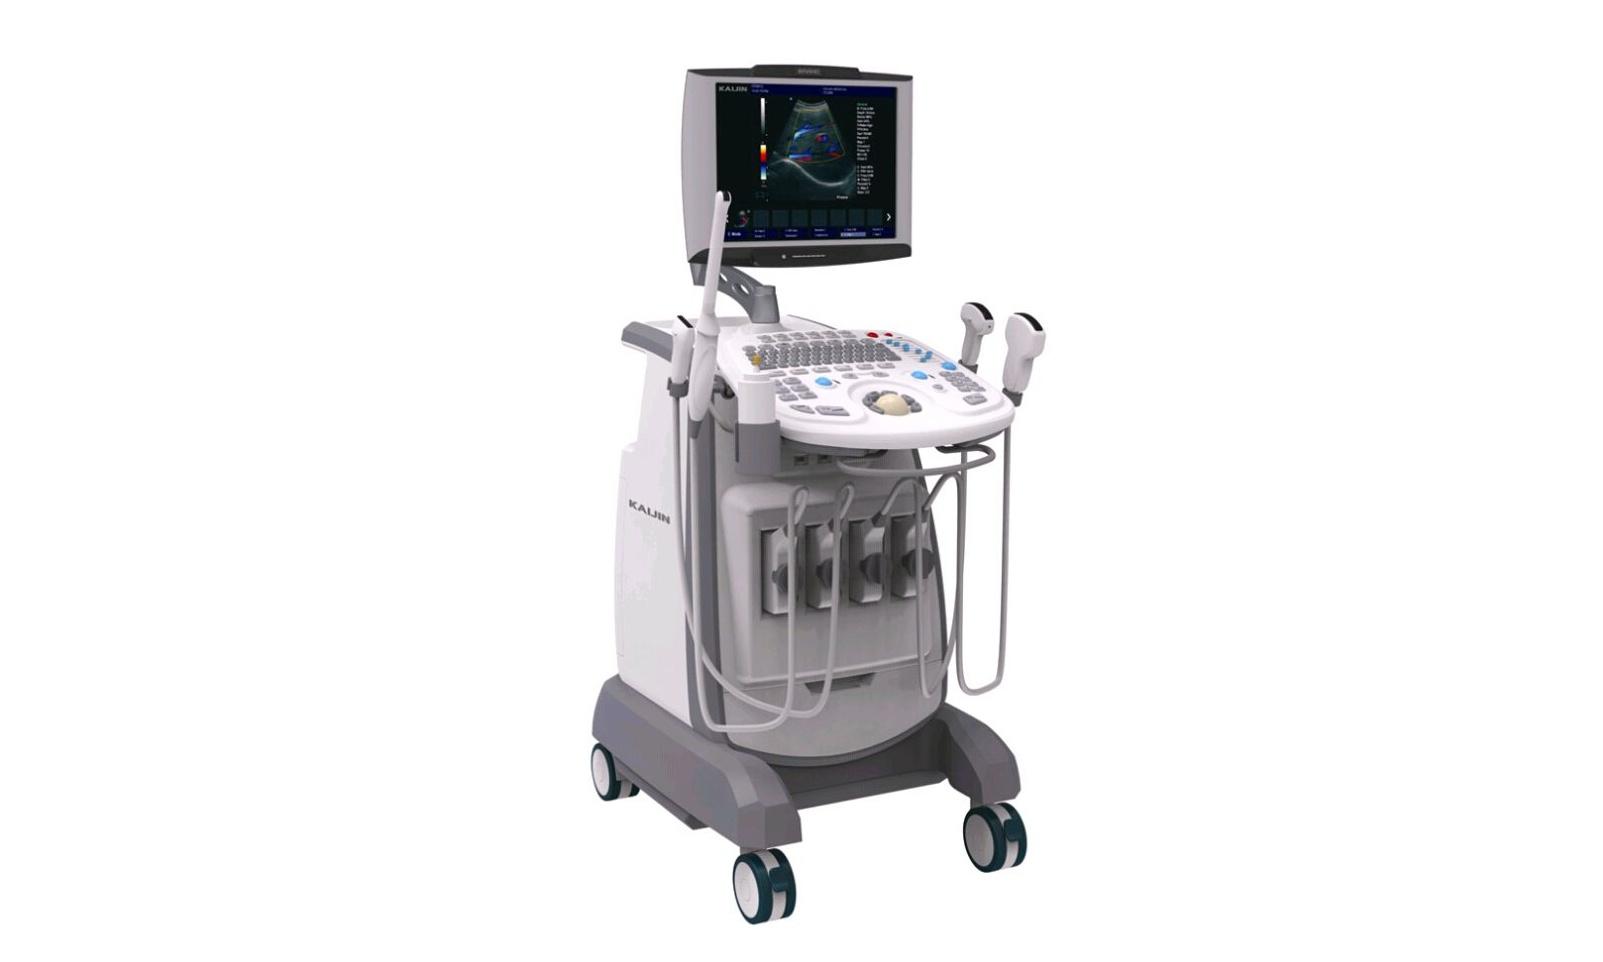 宜春高安市石脑镇中心卫生院多普勒超声诊断仪项目询价采购公告